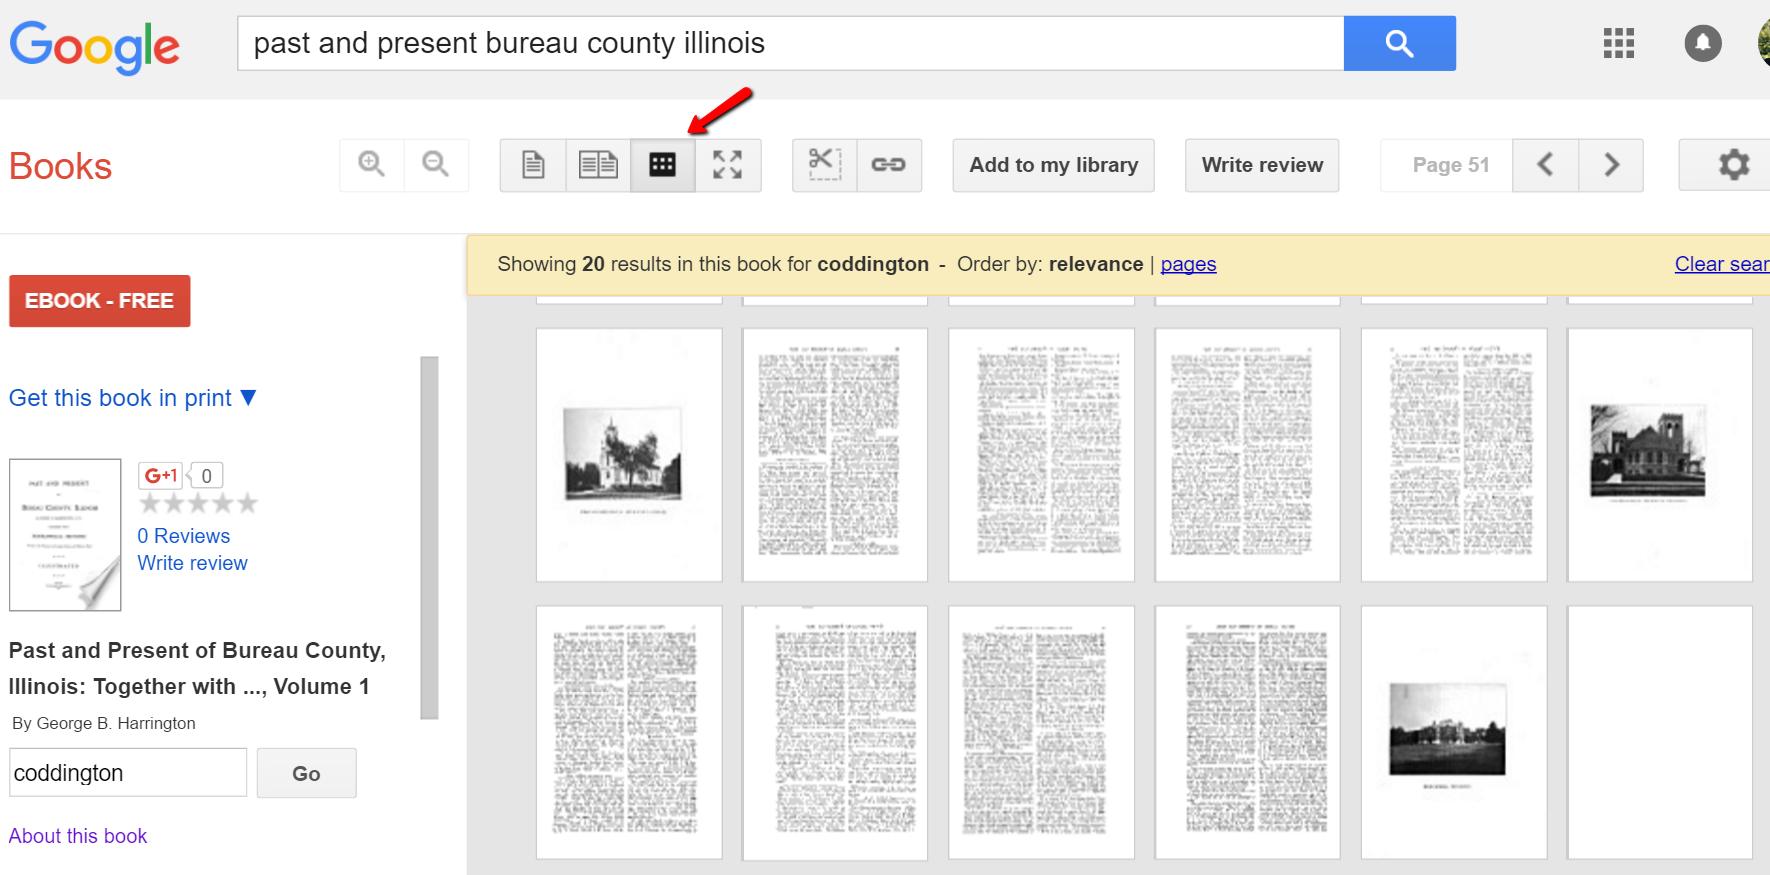 Google books image search icon